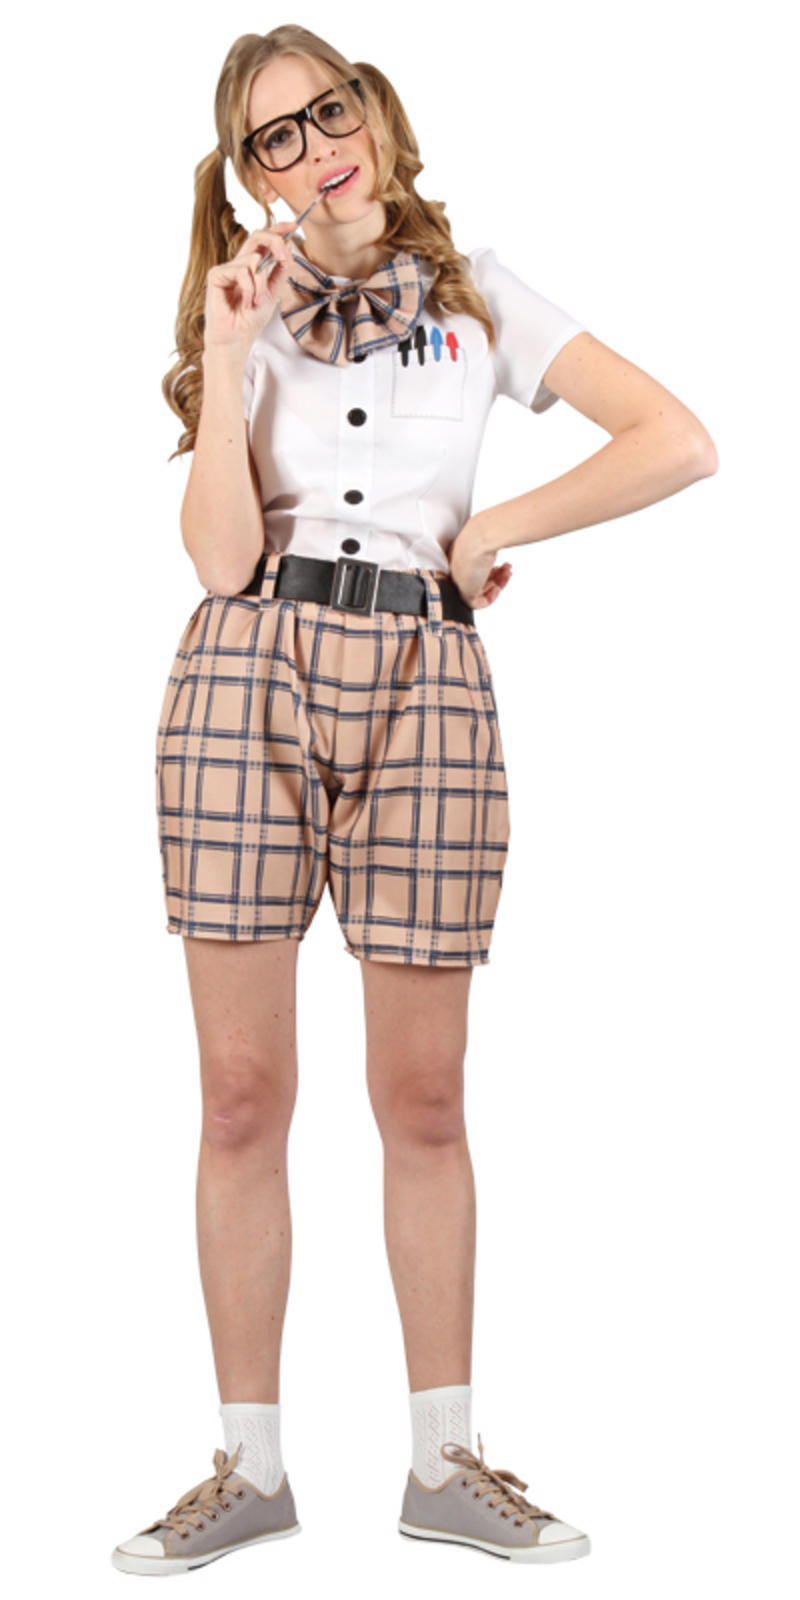 Girl Nerd Costume Ideas Female